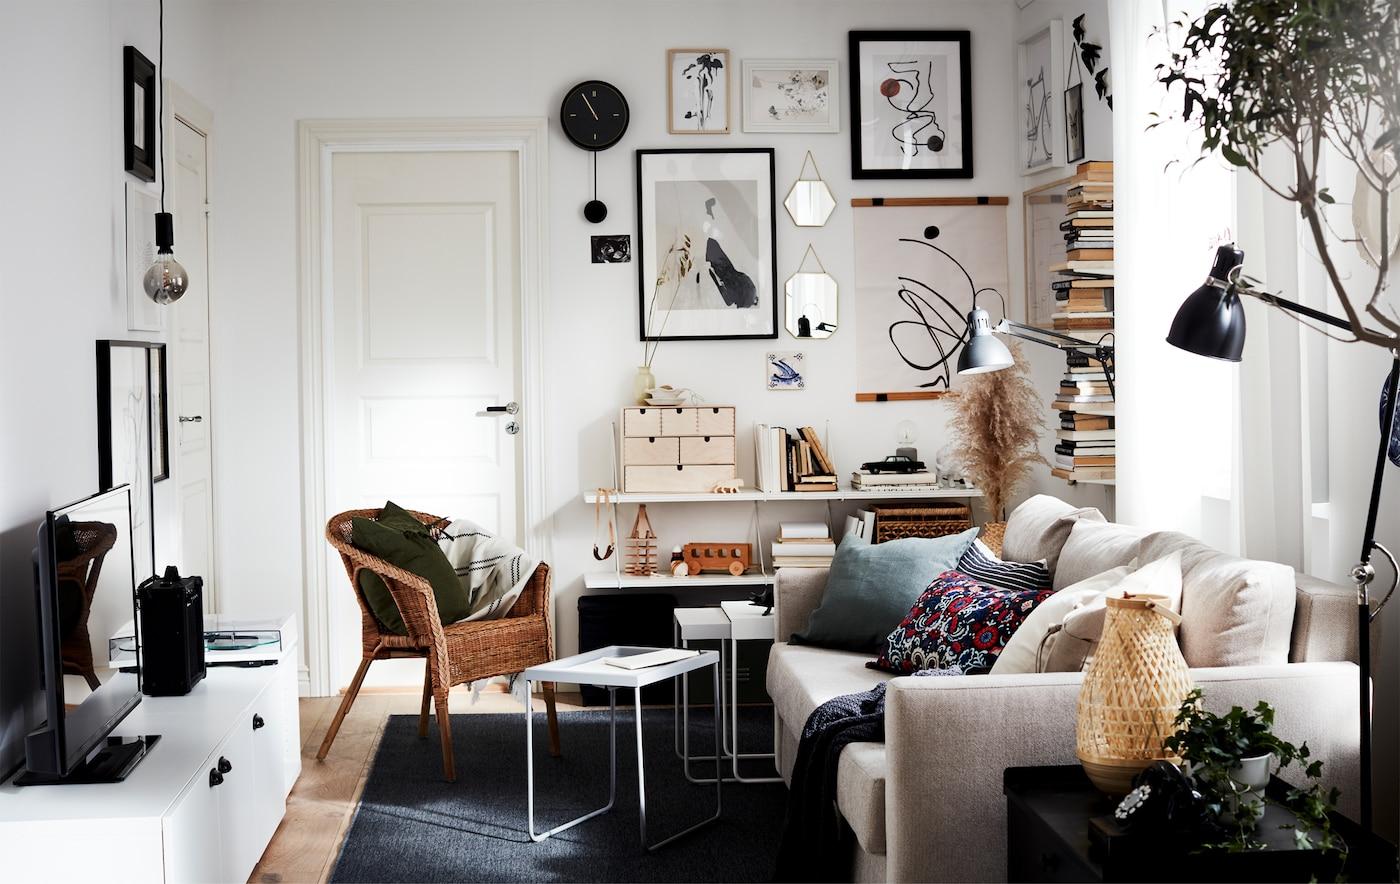 Vardagsrum med beige bäddsoffa, fåtölj i rotting/bambu, tv-bänk, mörkgrå matta, svart väggklocka och svarta lampor.